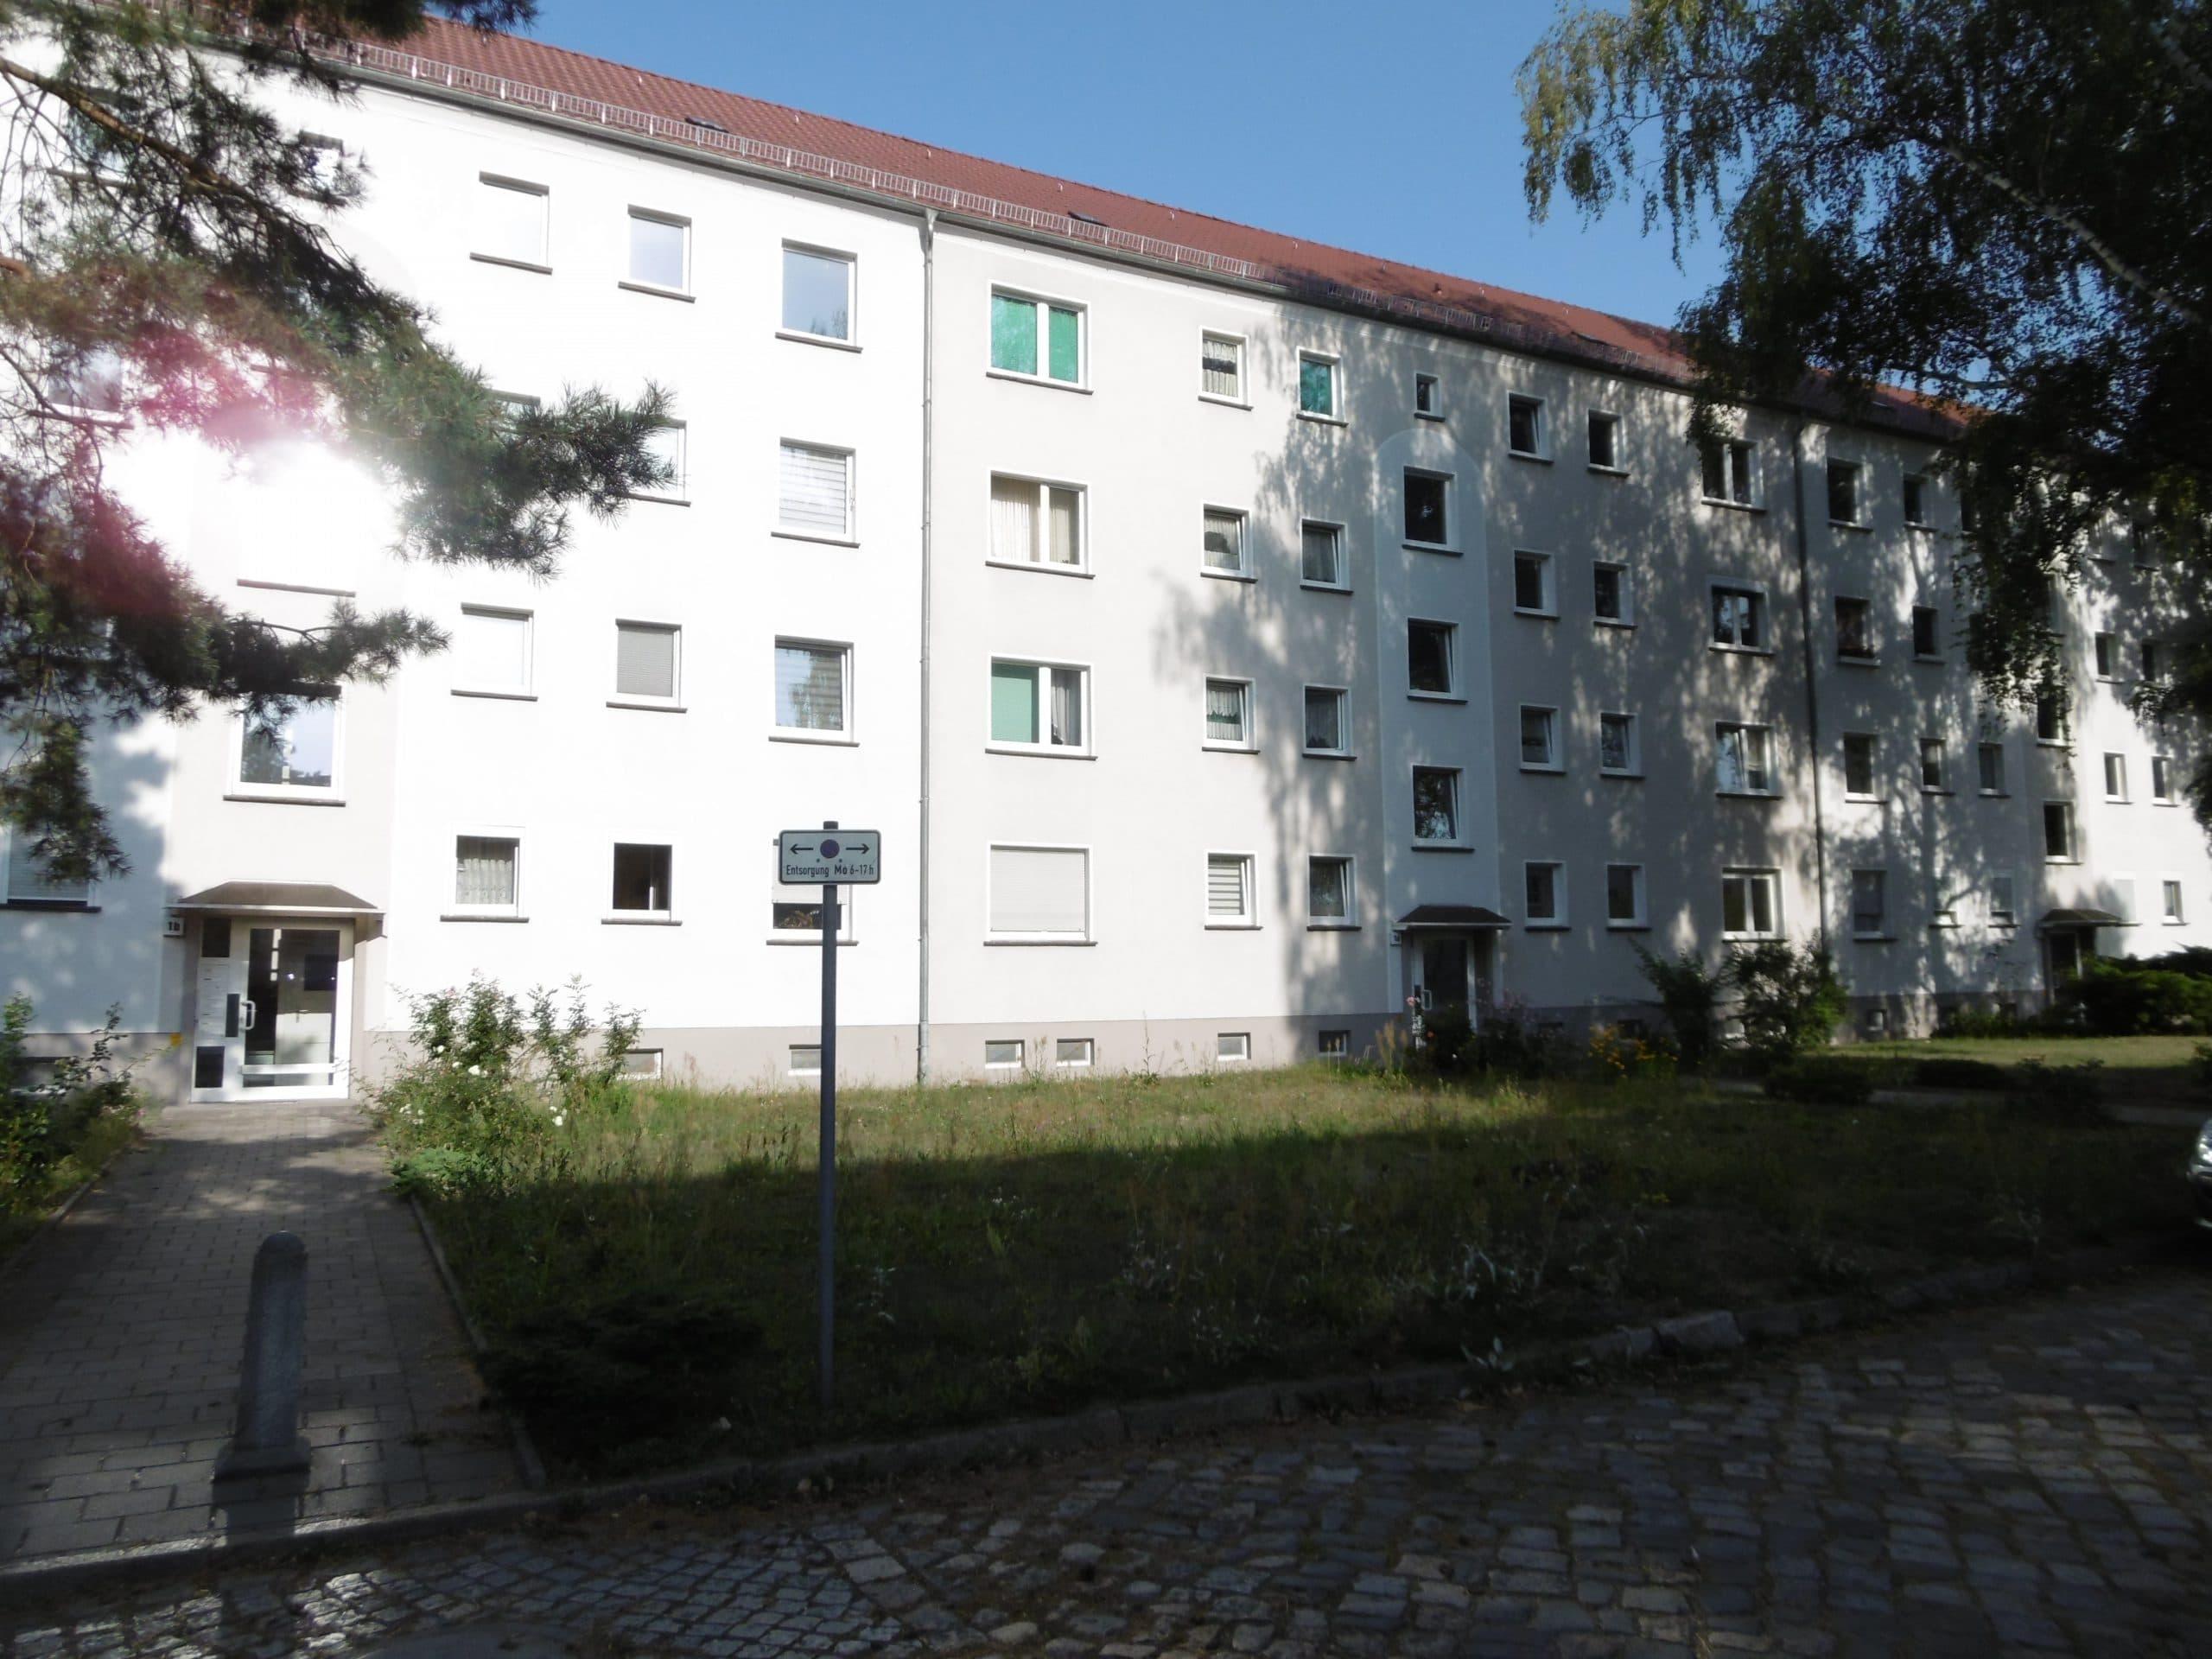 Aparte 3-Raum-Wohnung in ruhiger Lage